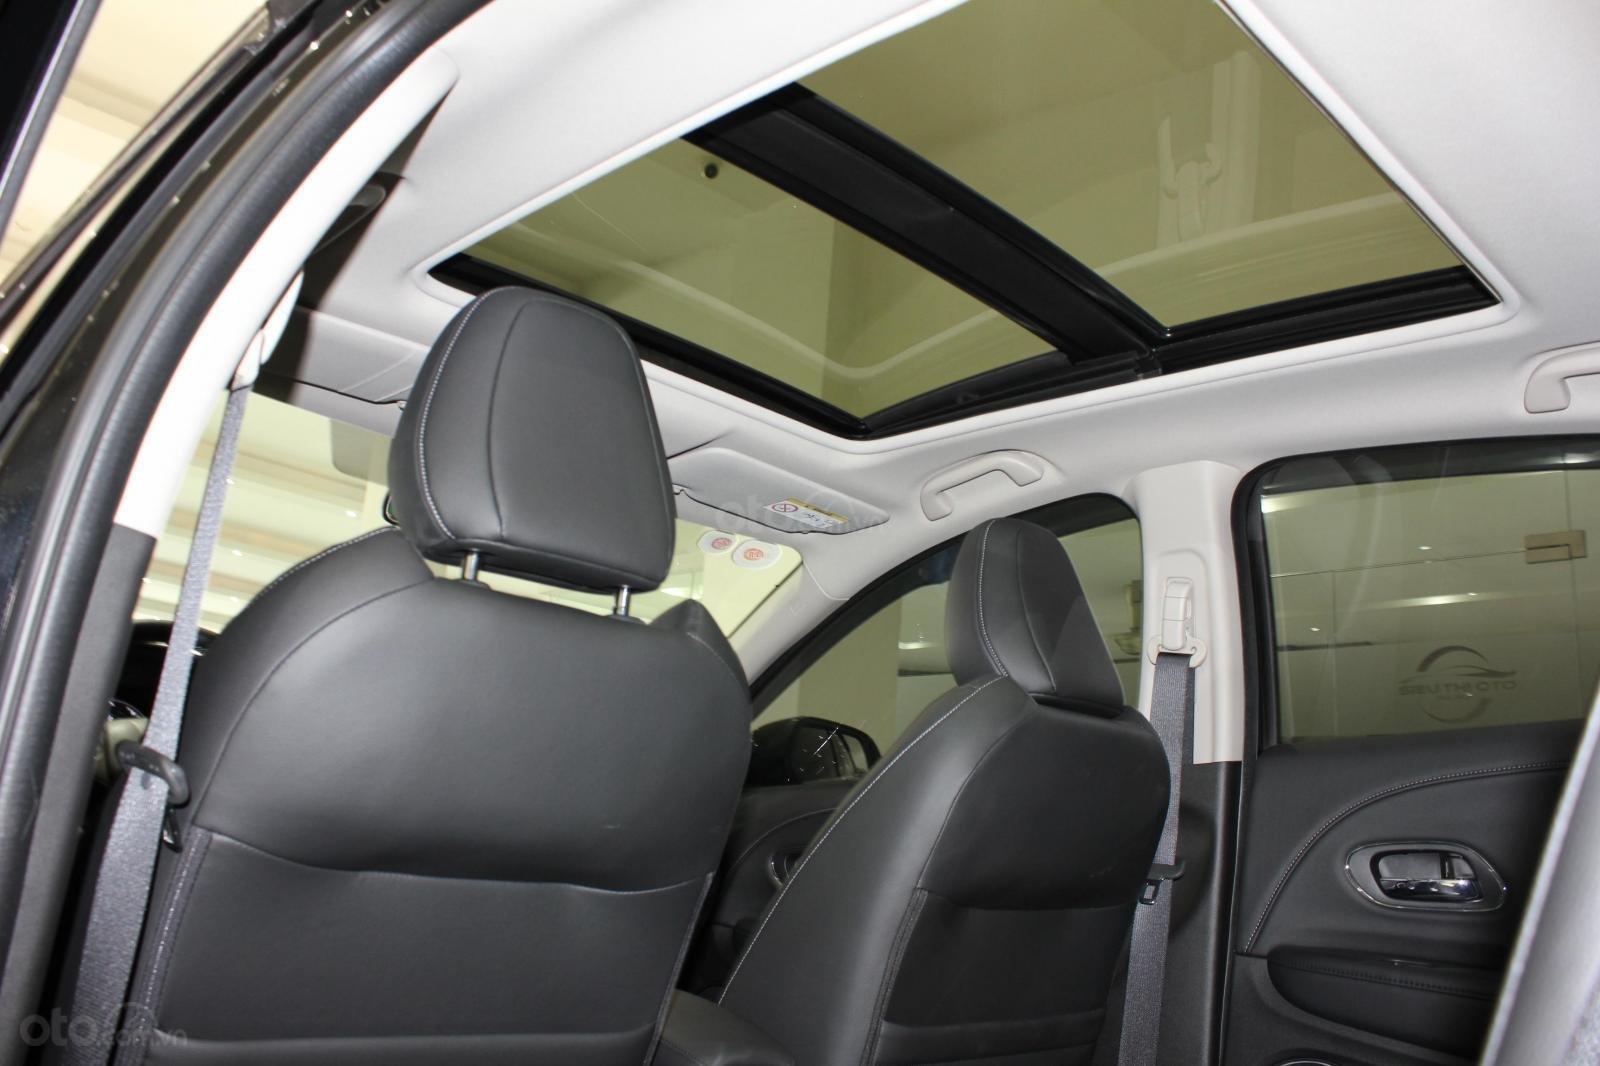 Cần bán xe Honda HR-V bản L 1.8AT SX 2018, màu đen, nhập Thái, siêu lướt 1300km, biển SG (15)